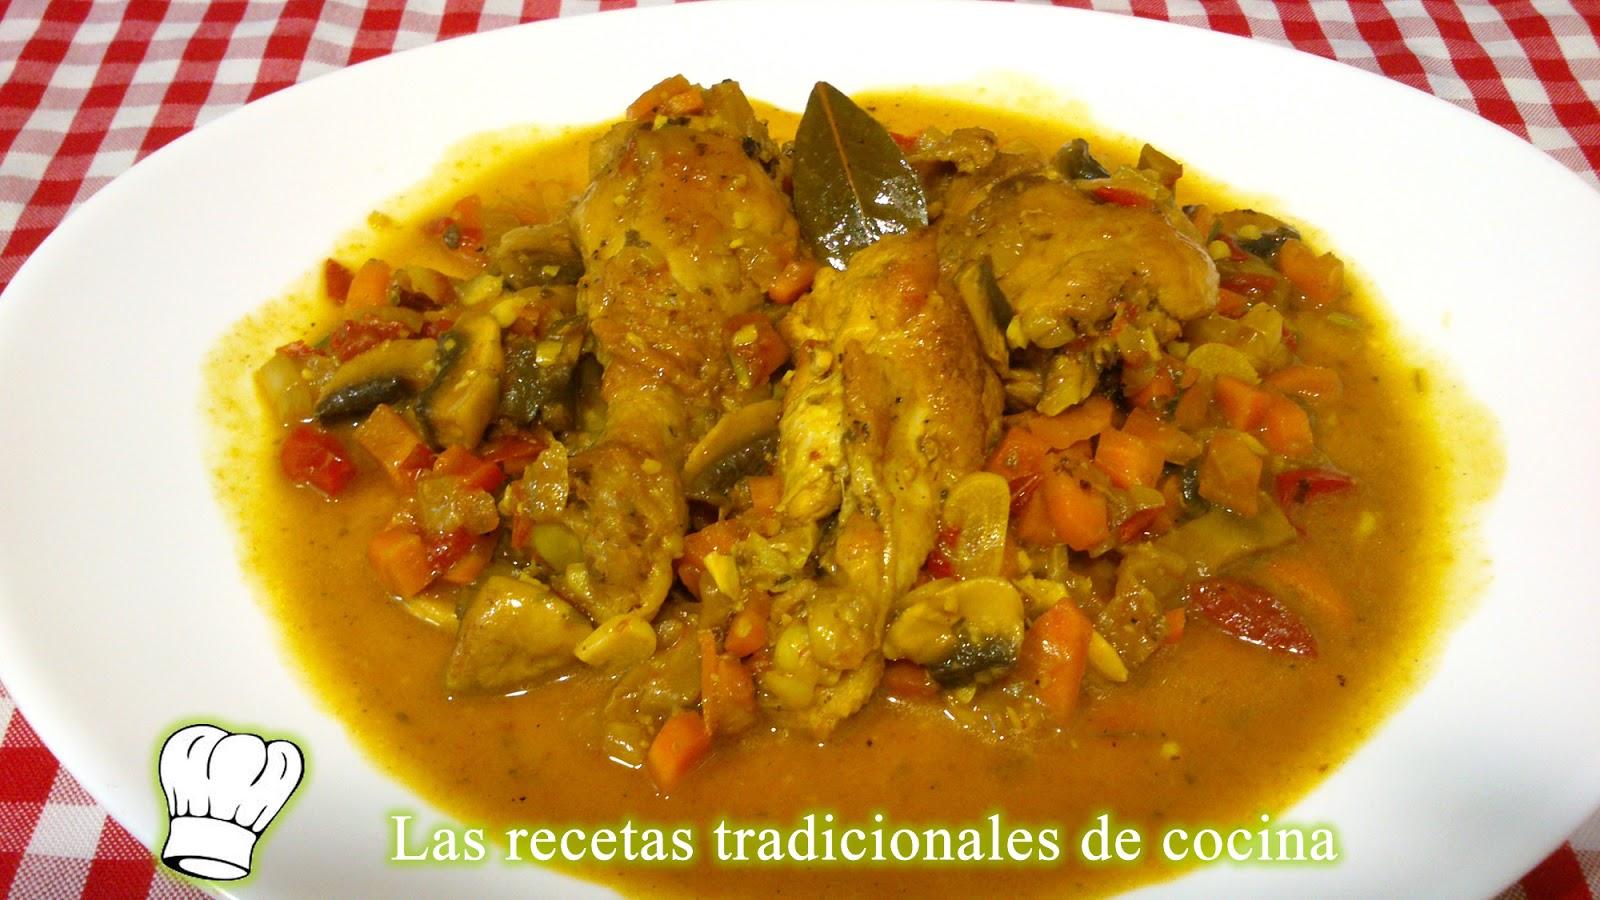 Receta de pollo a la jardinera recetas de cocina con sabor tradicional - Como se hace pollo en salsa ...